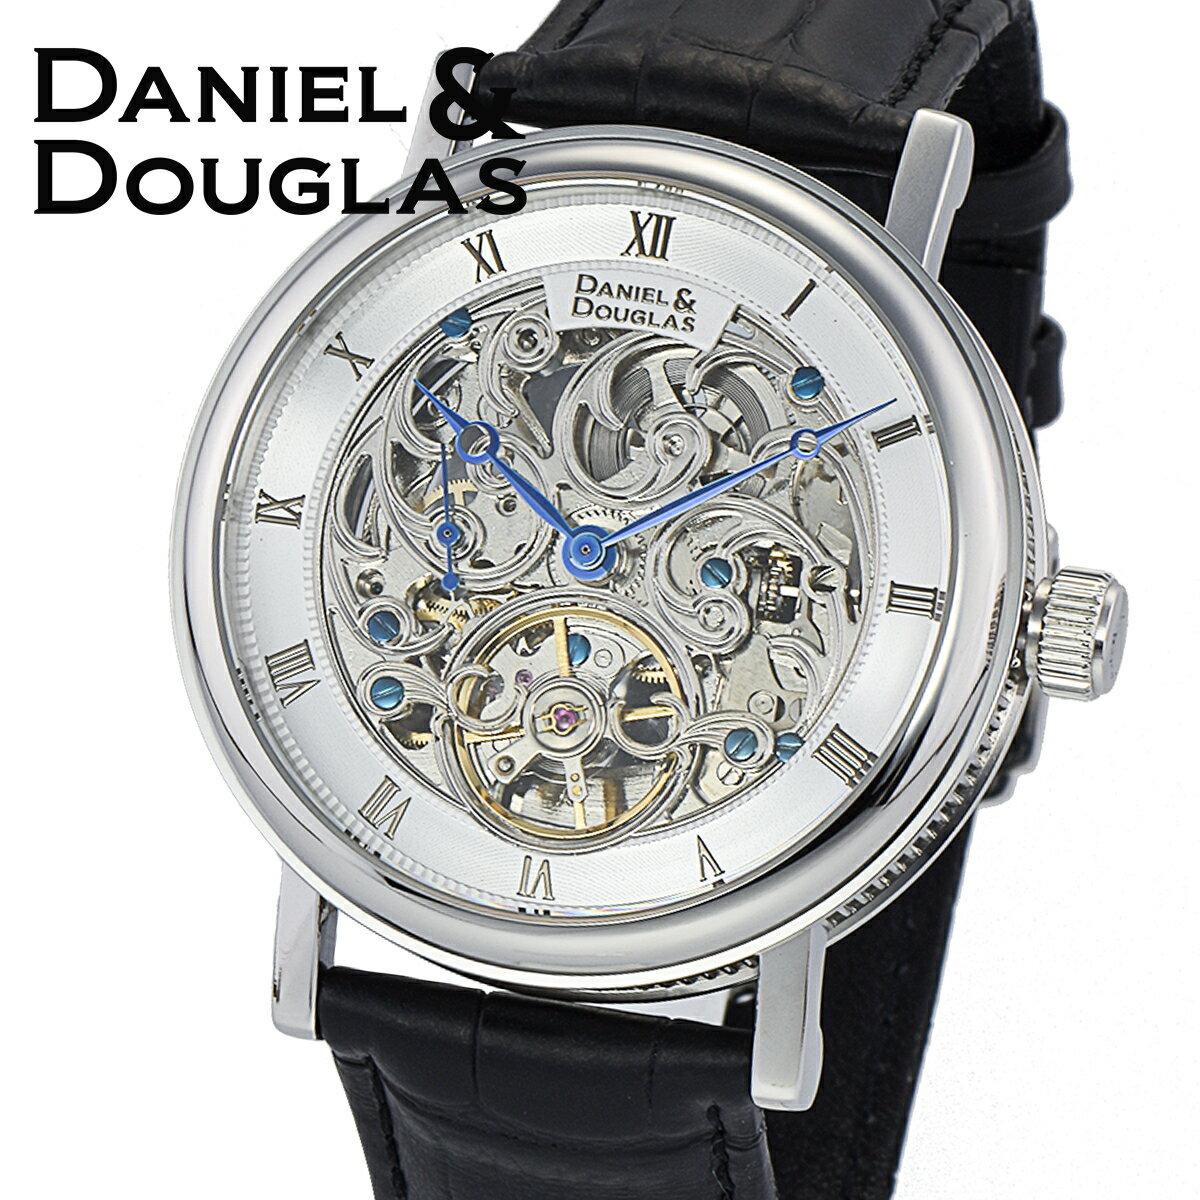 ダニエルダグラス DANIEL&DOUGLAS ダニエル ダグラス DD8805-SV メンズ 時計 腕時計 自動巻き オートマチック スケルトン